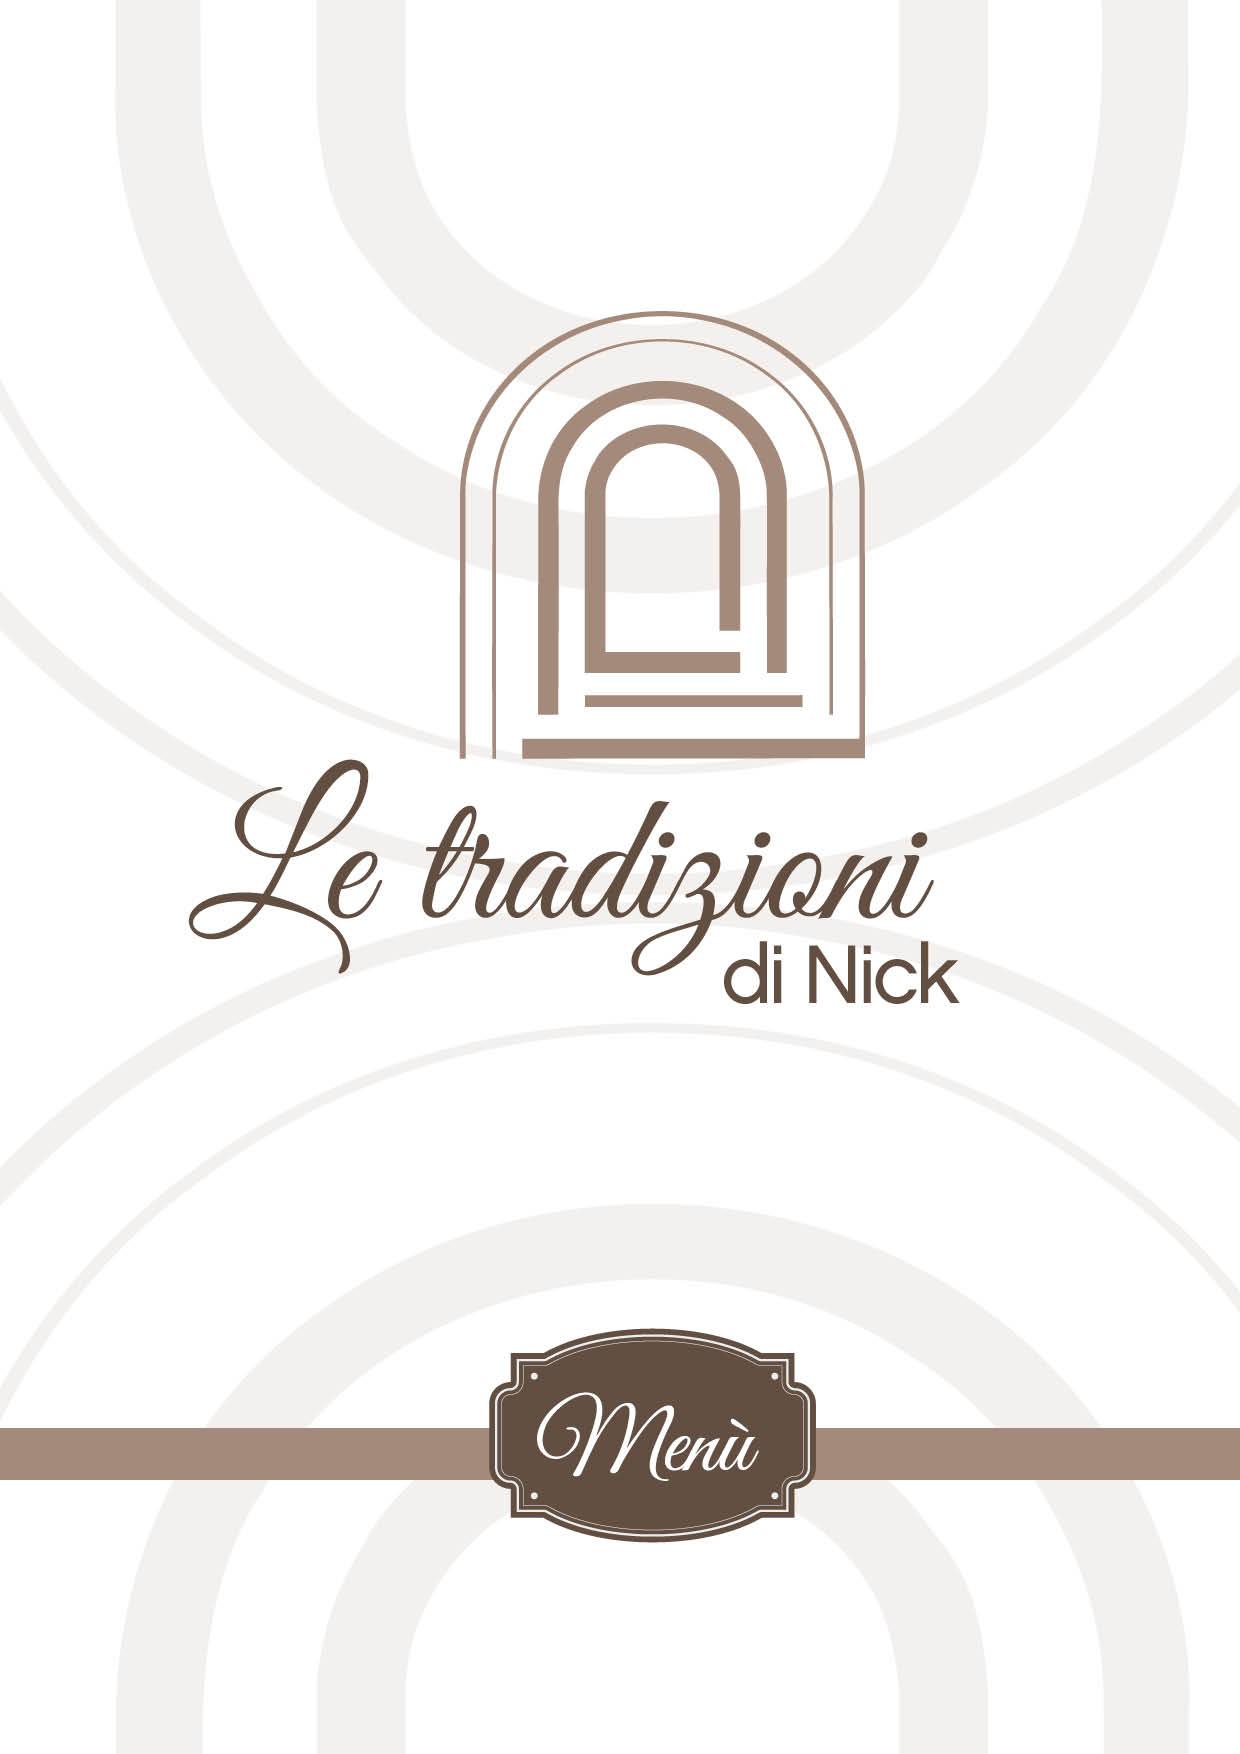 letradizioni-nick-menu-2017-low